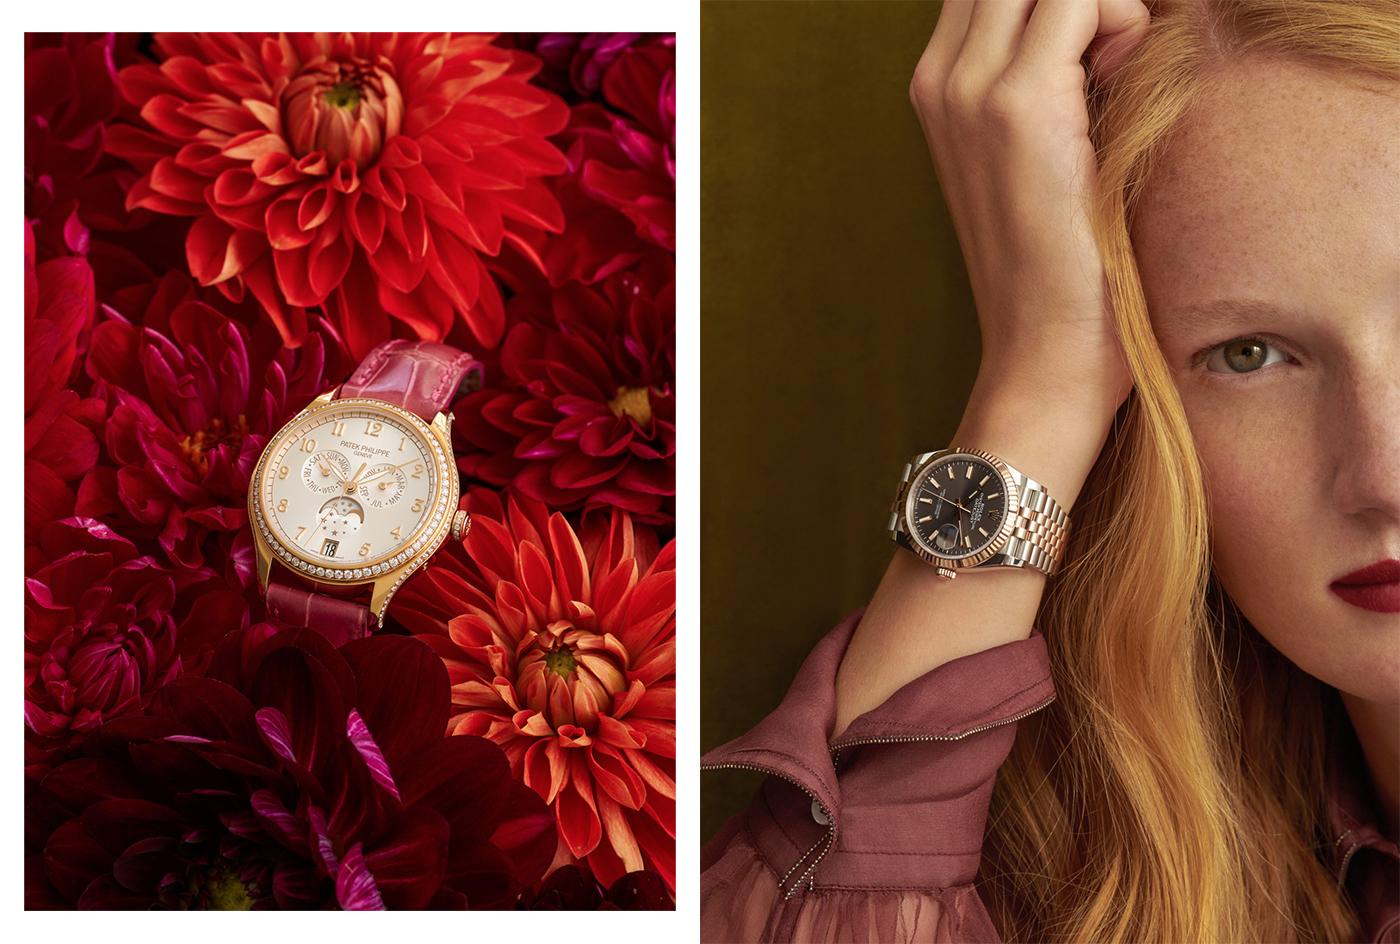 Aiala Hernando for Harper's Bazaar UK